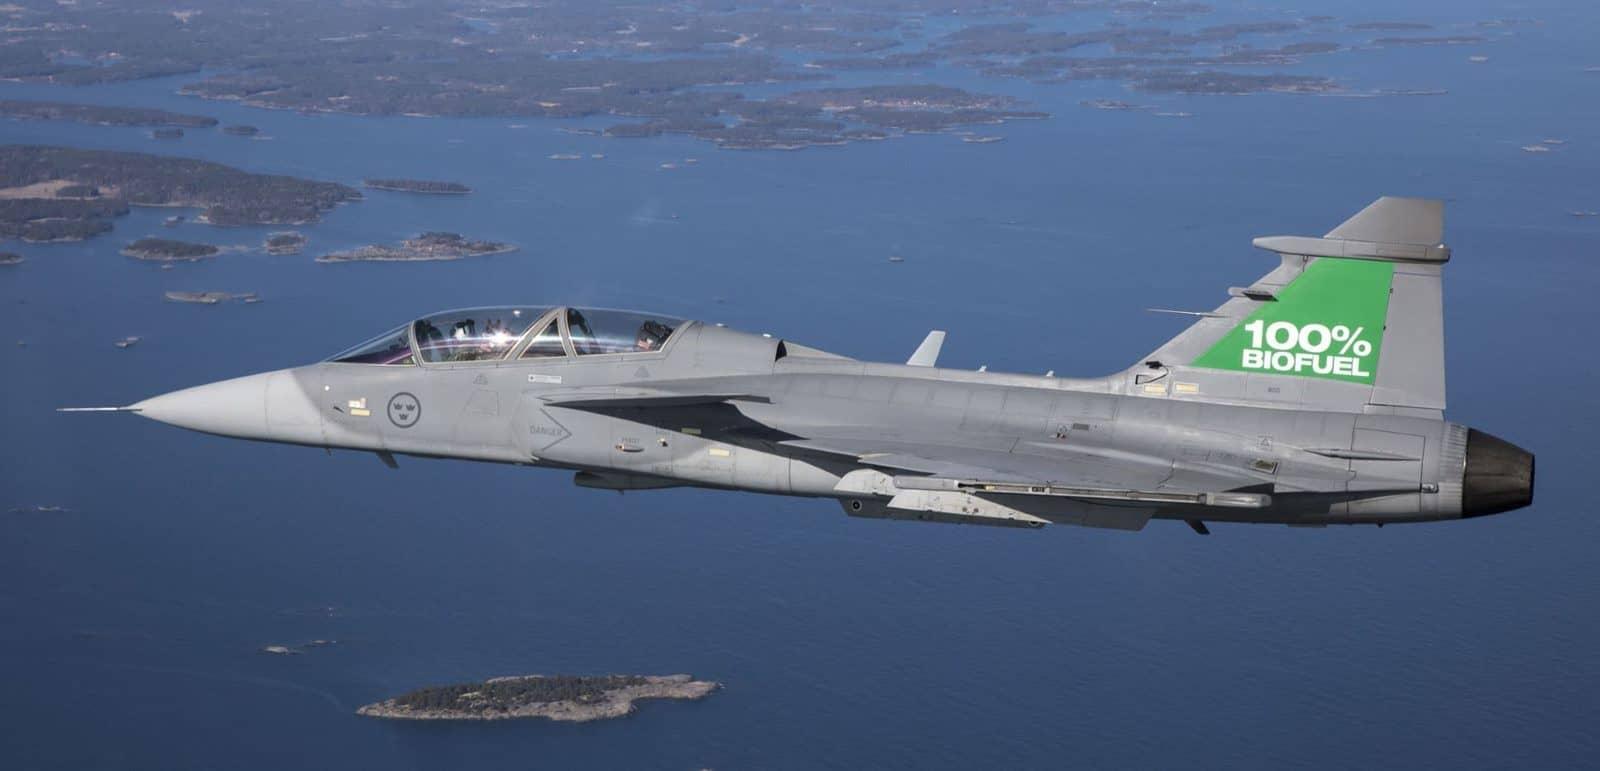 Випробування винищувача JAS-39 Gripen на біопалеві. 2017 рік. Фото з відкритих джерел